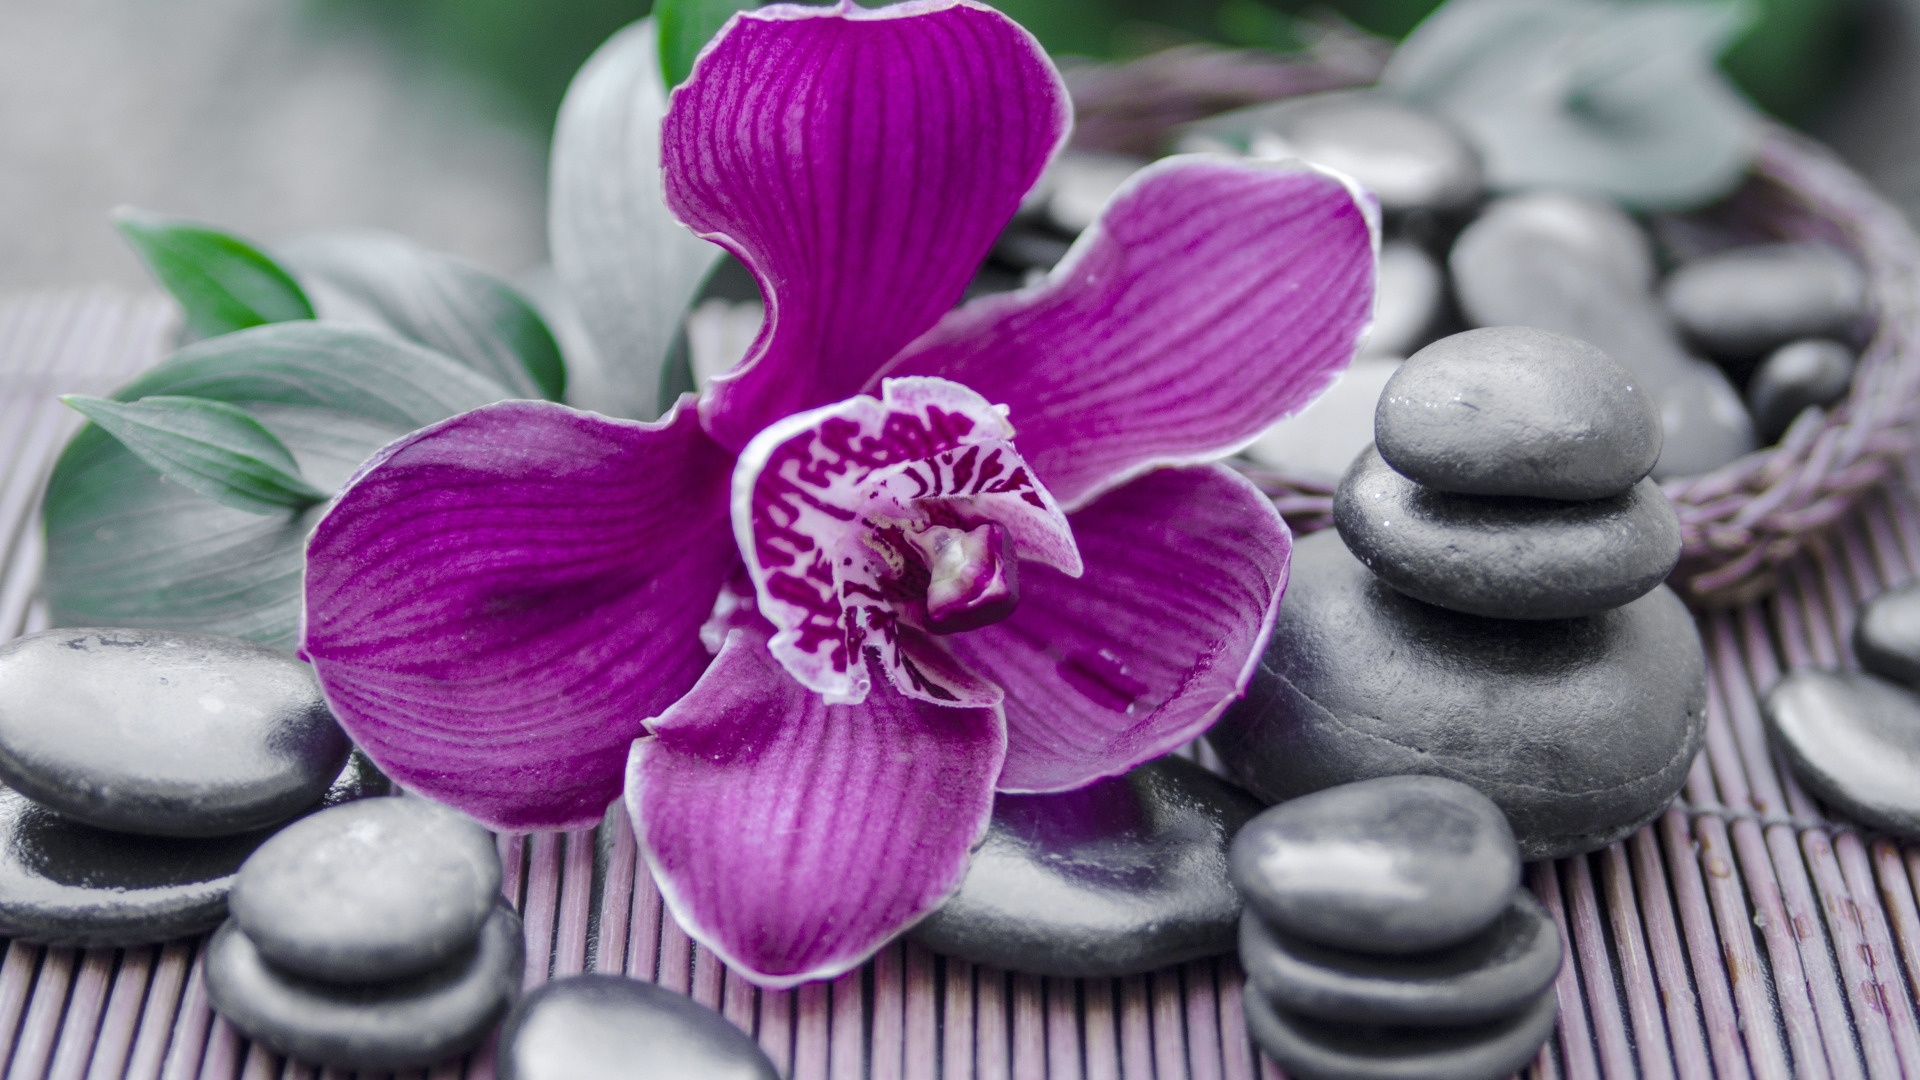 Flower And Stones Desktop Wallpaper